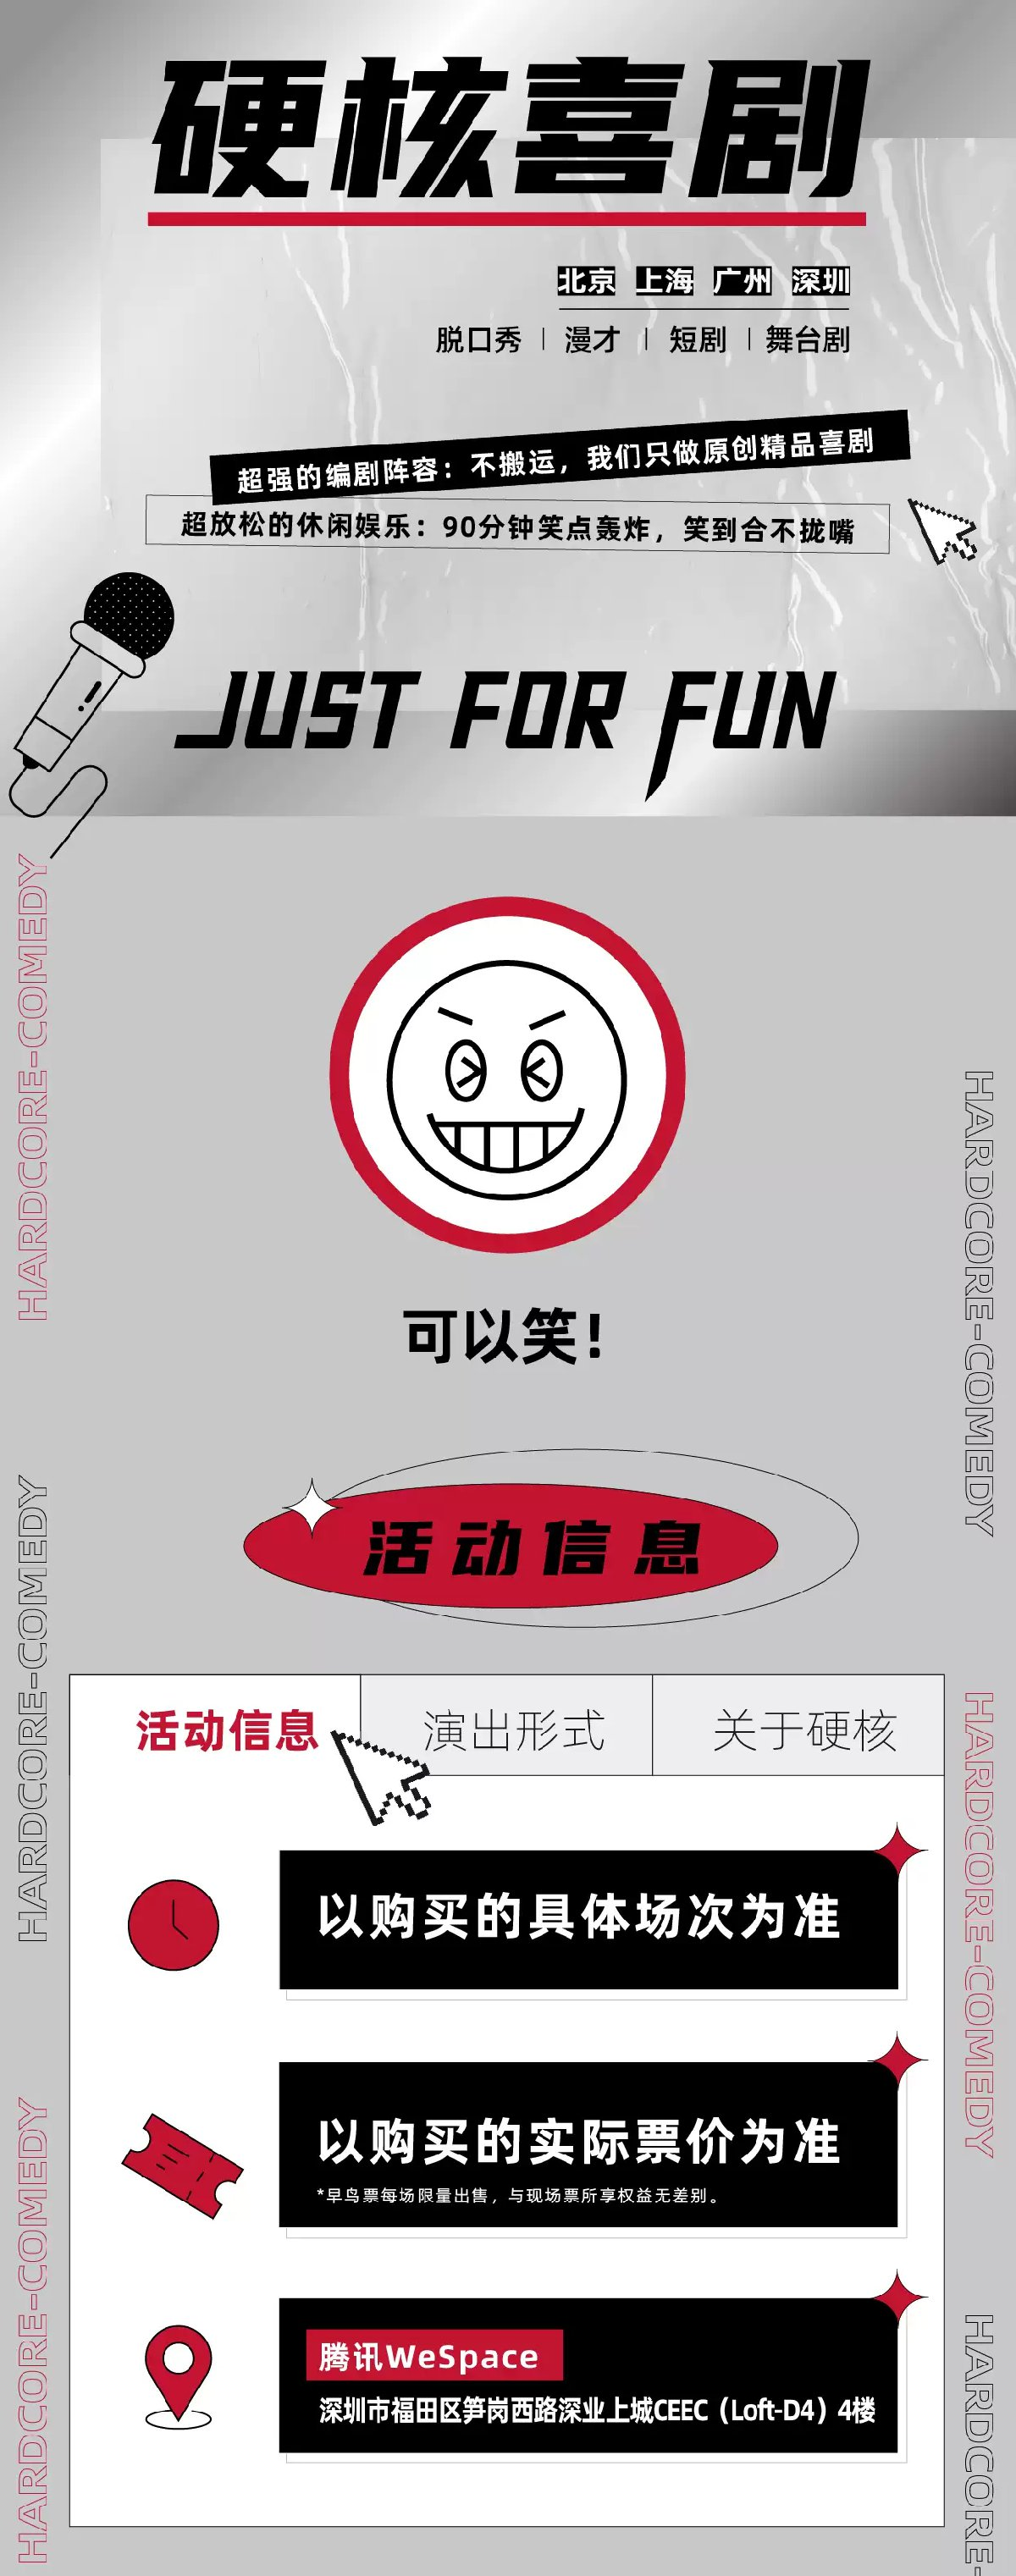 2021深圳五一期间硬核喜剧脱口秀时间及地点